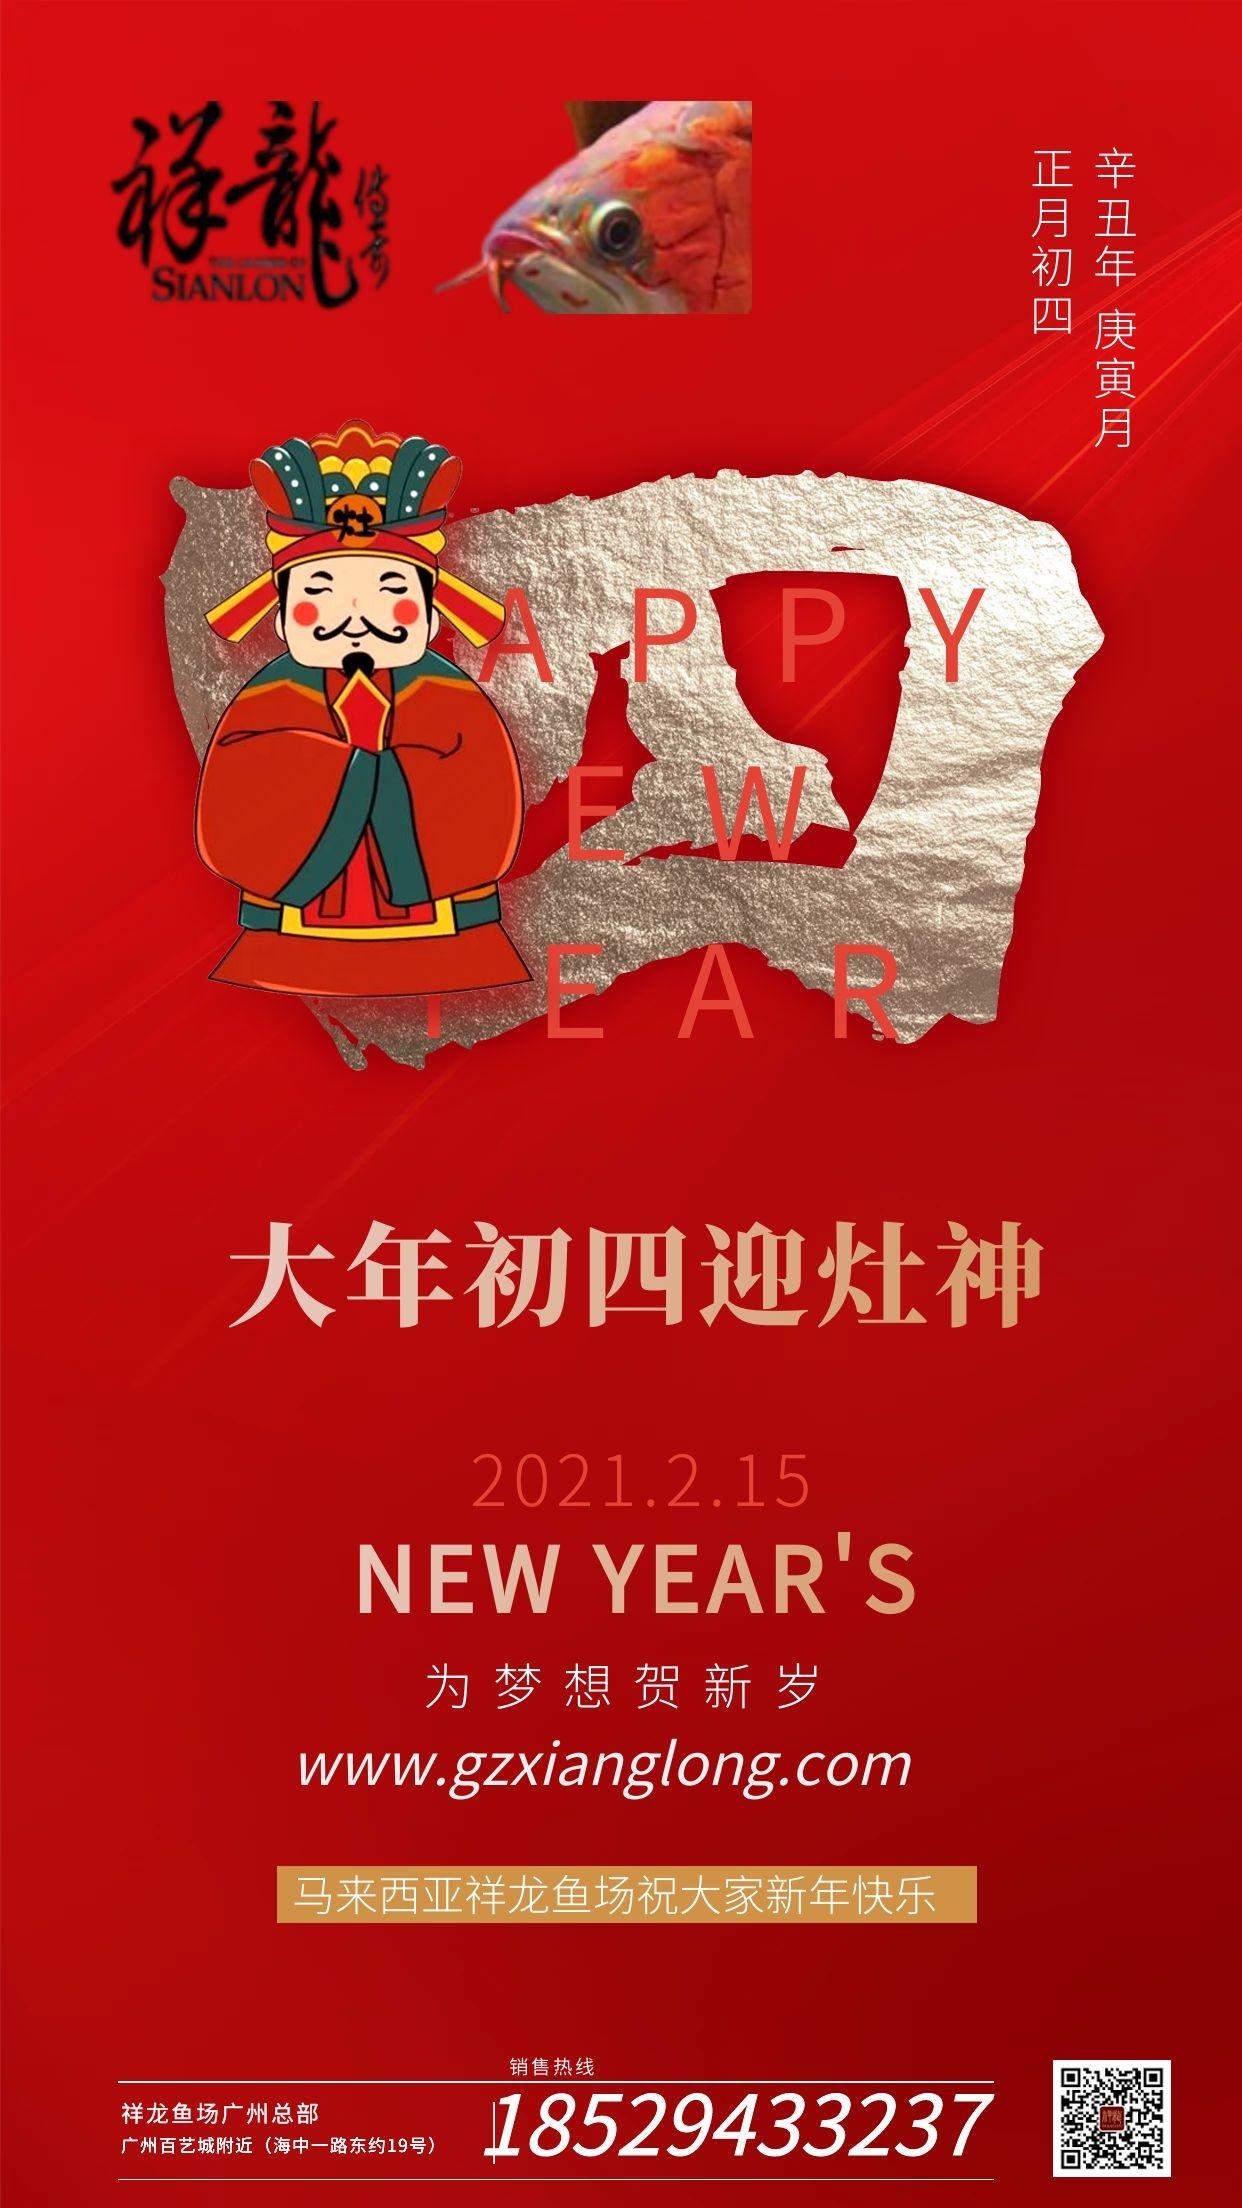 北京祥龙水族馆恭贺本市鱼友新春快乐祝福2021 北京水族馆信息 北京龙鱼第7张